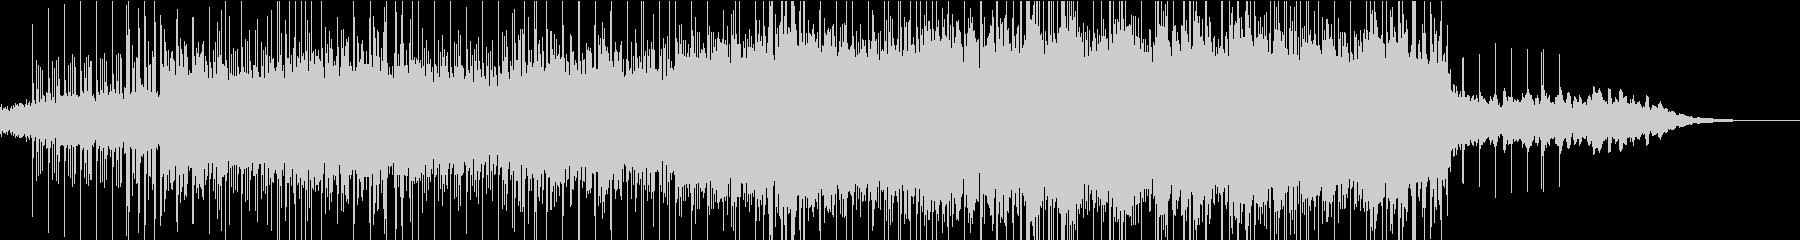 ピアノを空間的に使った打ち込み曲の未再生の波形